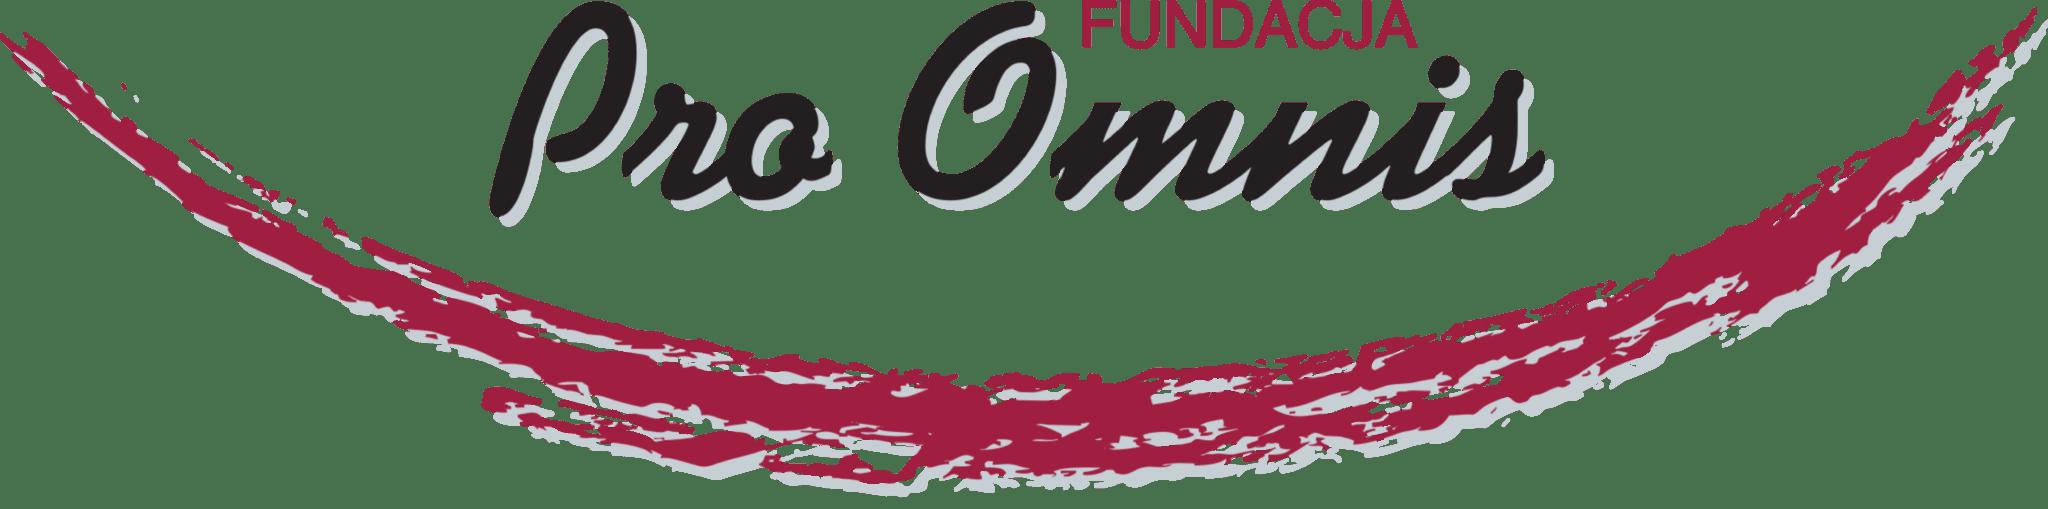 Fundacja Pro Omnis Bydgoszcz